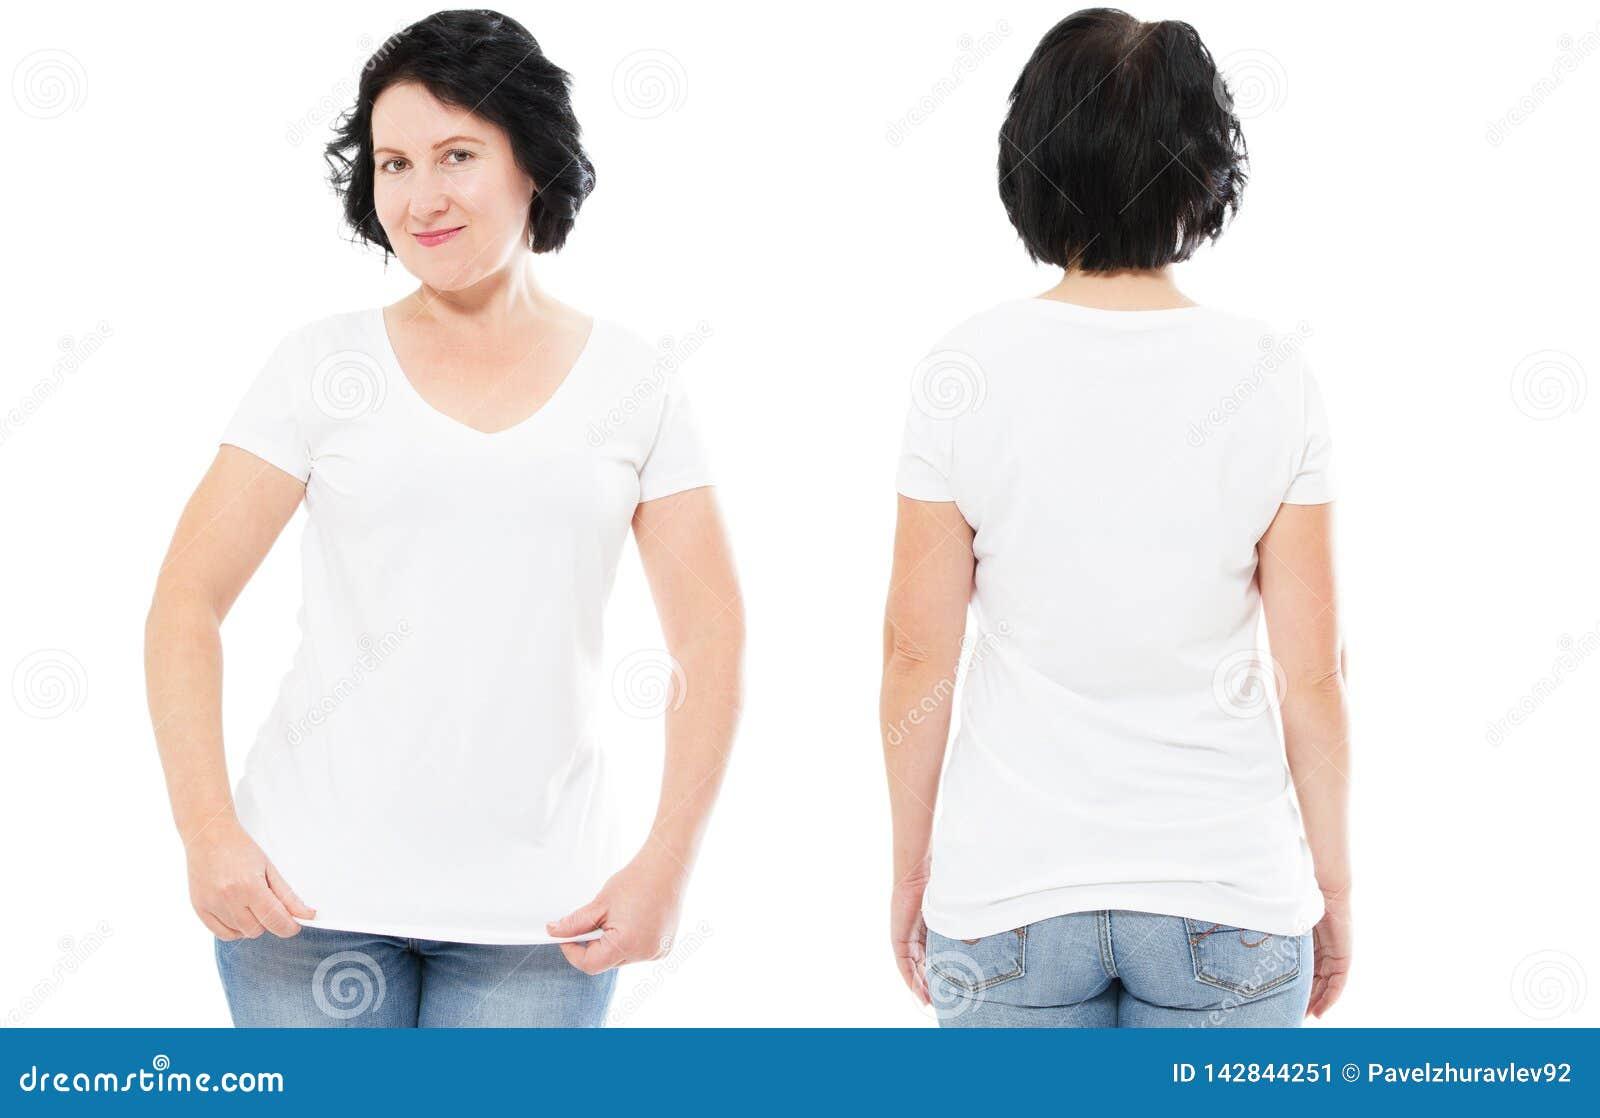 Белый набор футболки, женщина в футболке стиля изолированной на белой предпосылке, насмешке футболки вверх, пустая рубашка